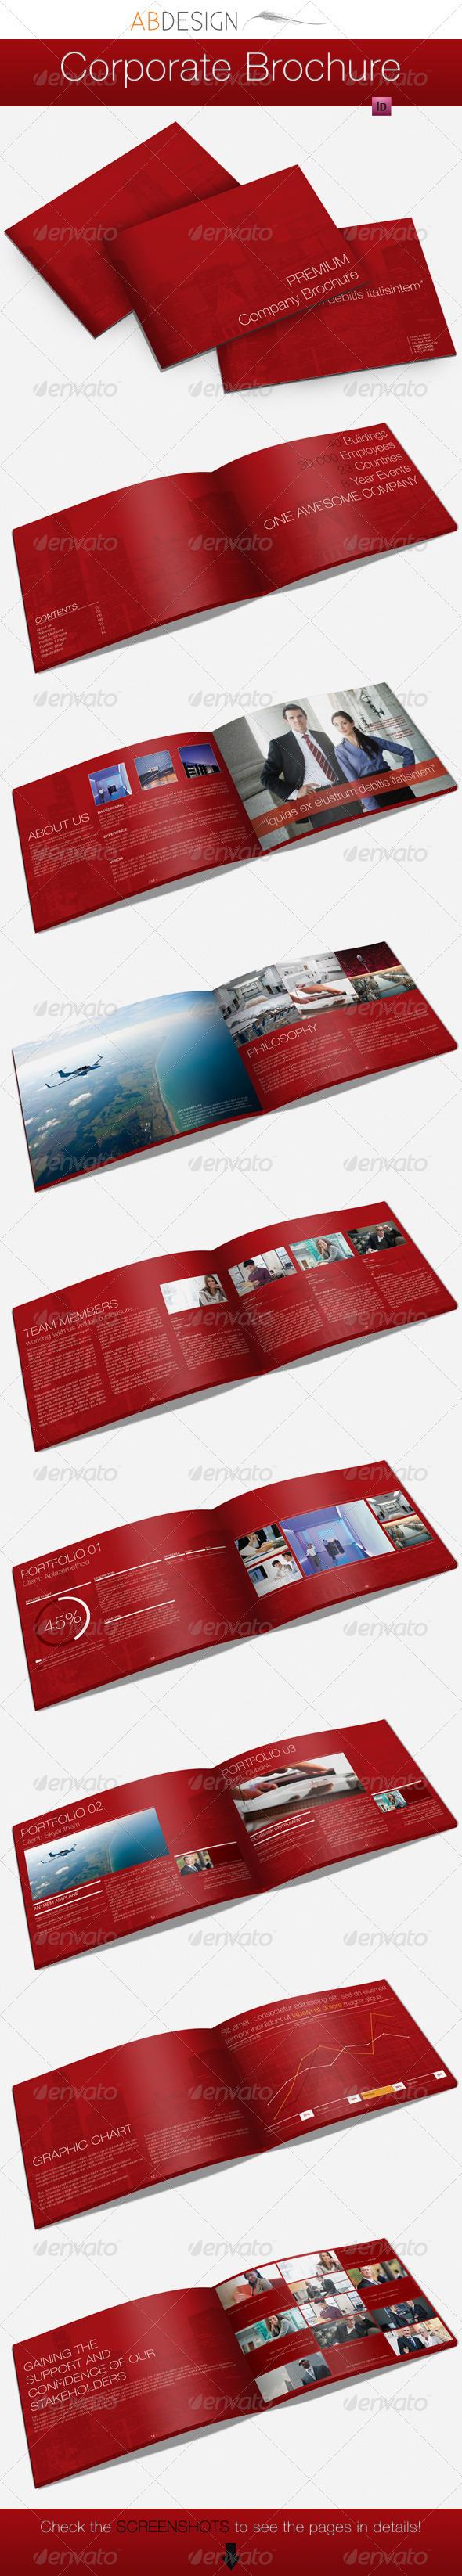 GraphicRiver A4 Premium Corporate Brochure 1571502